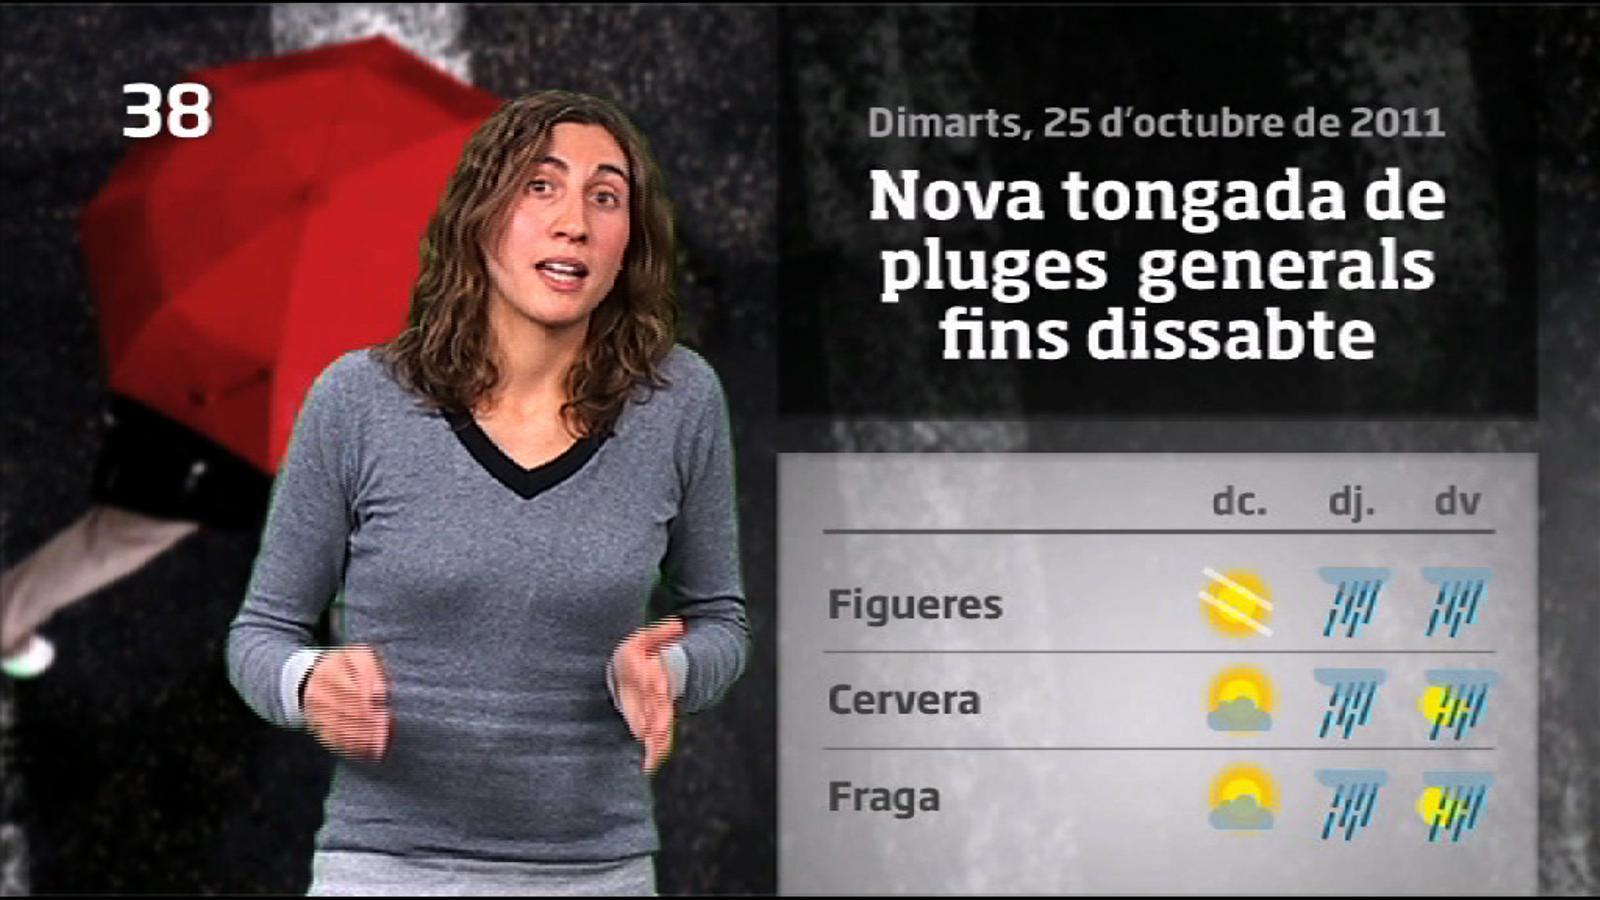 La Méteo en 1 minut: Dimecres assolellat a l'espera d'una nova tongada de ruixats a partir de dijous (26/10/2011)